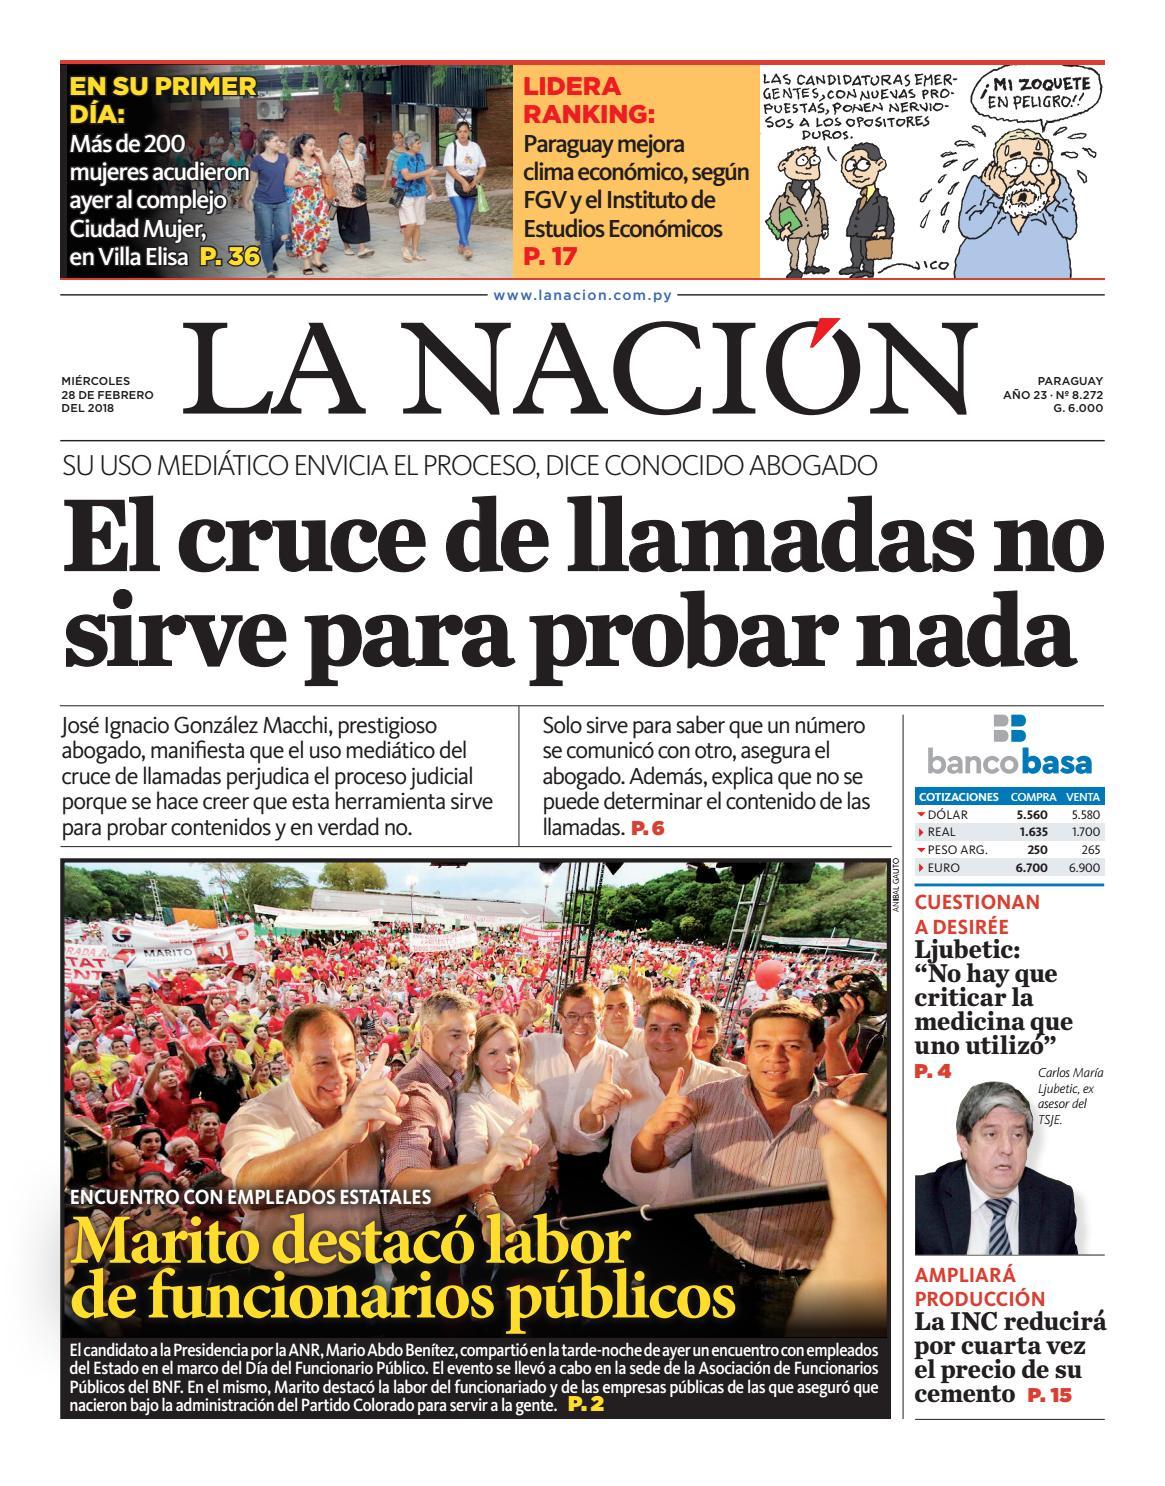 DIARIO LA NACIÓN - EDICIÓN 8.272 by La Nación - issuu